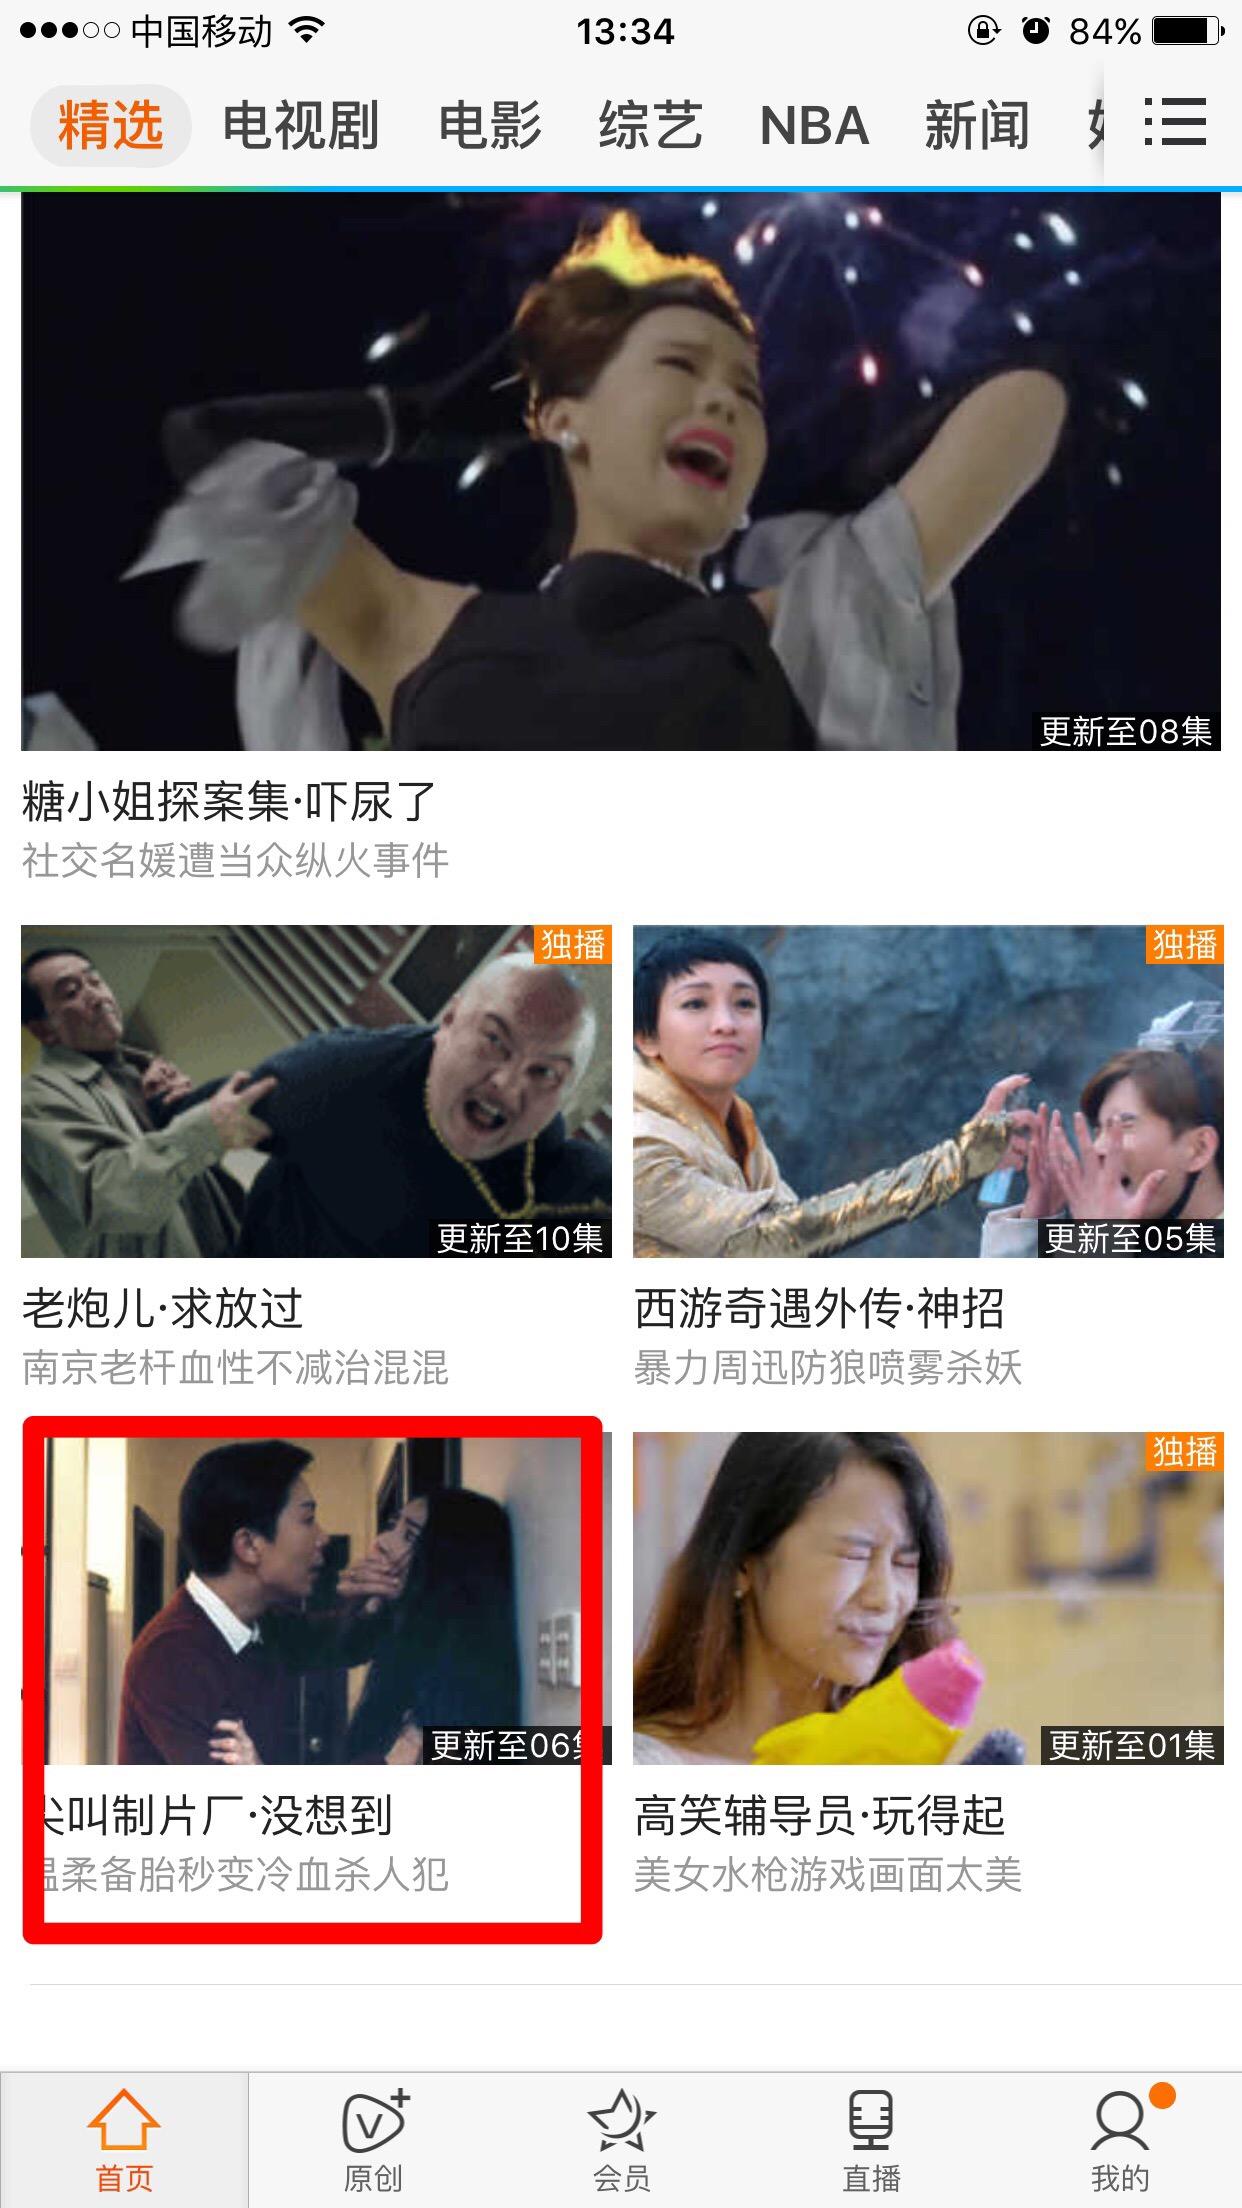 腾讯app首页